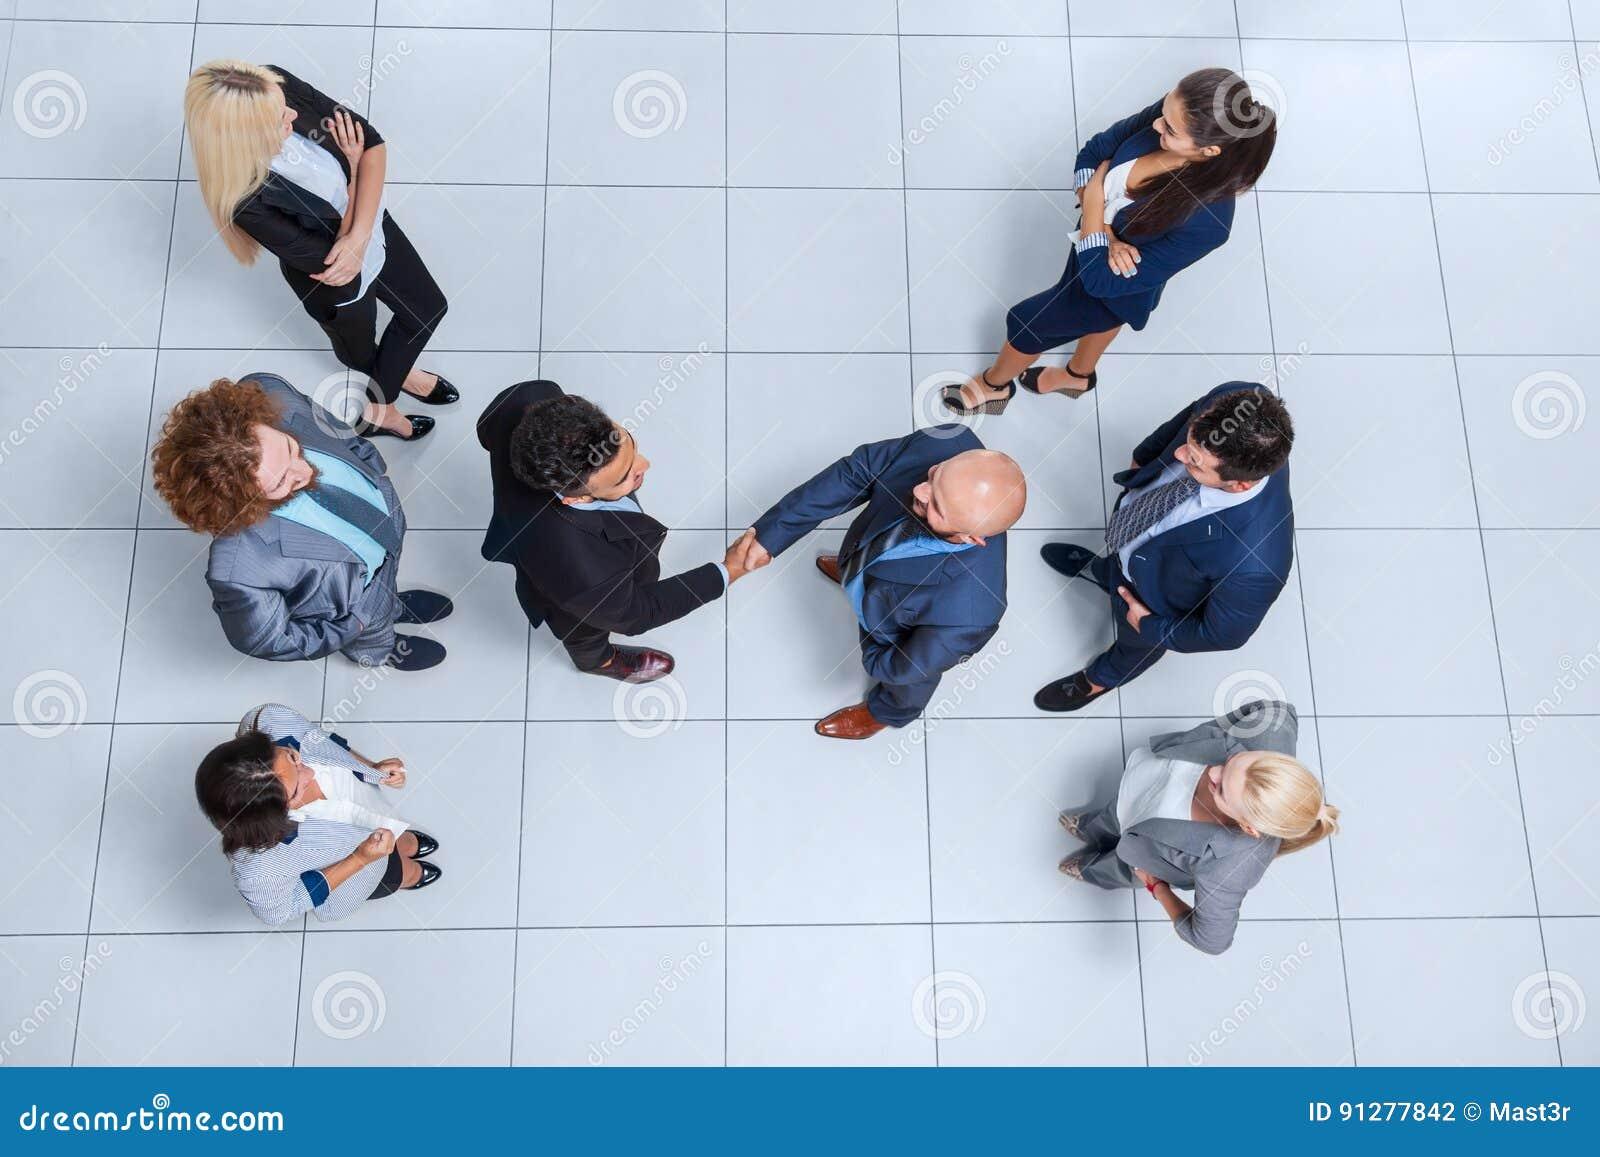 För Hand Shake Welcome för framstickande för grupp för affärsfolk sikt för bästa vinkel gest, Businesspeople Team Handshake